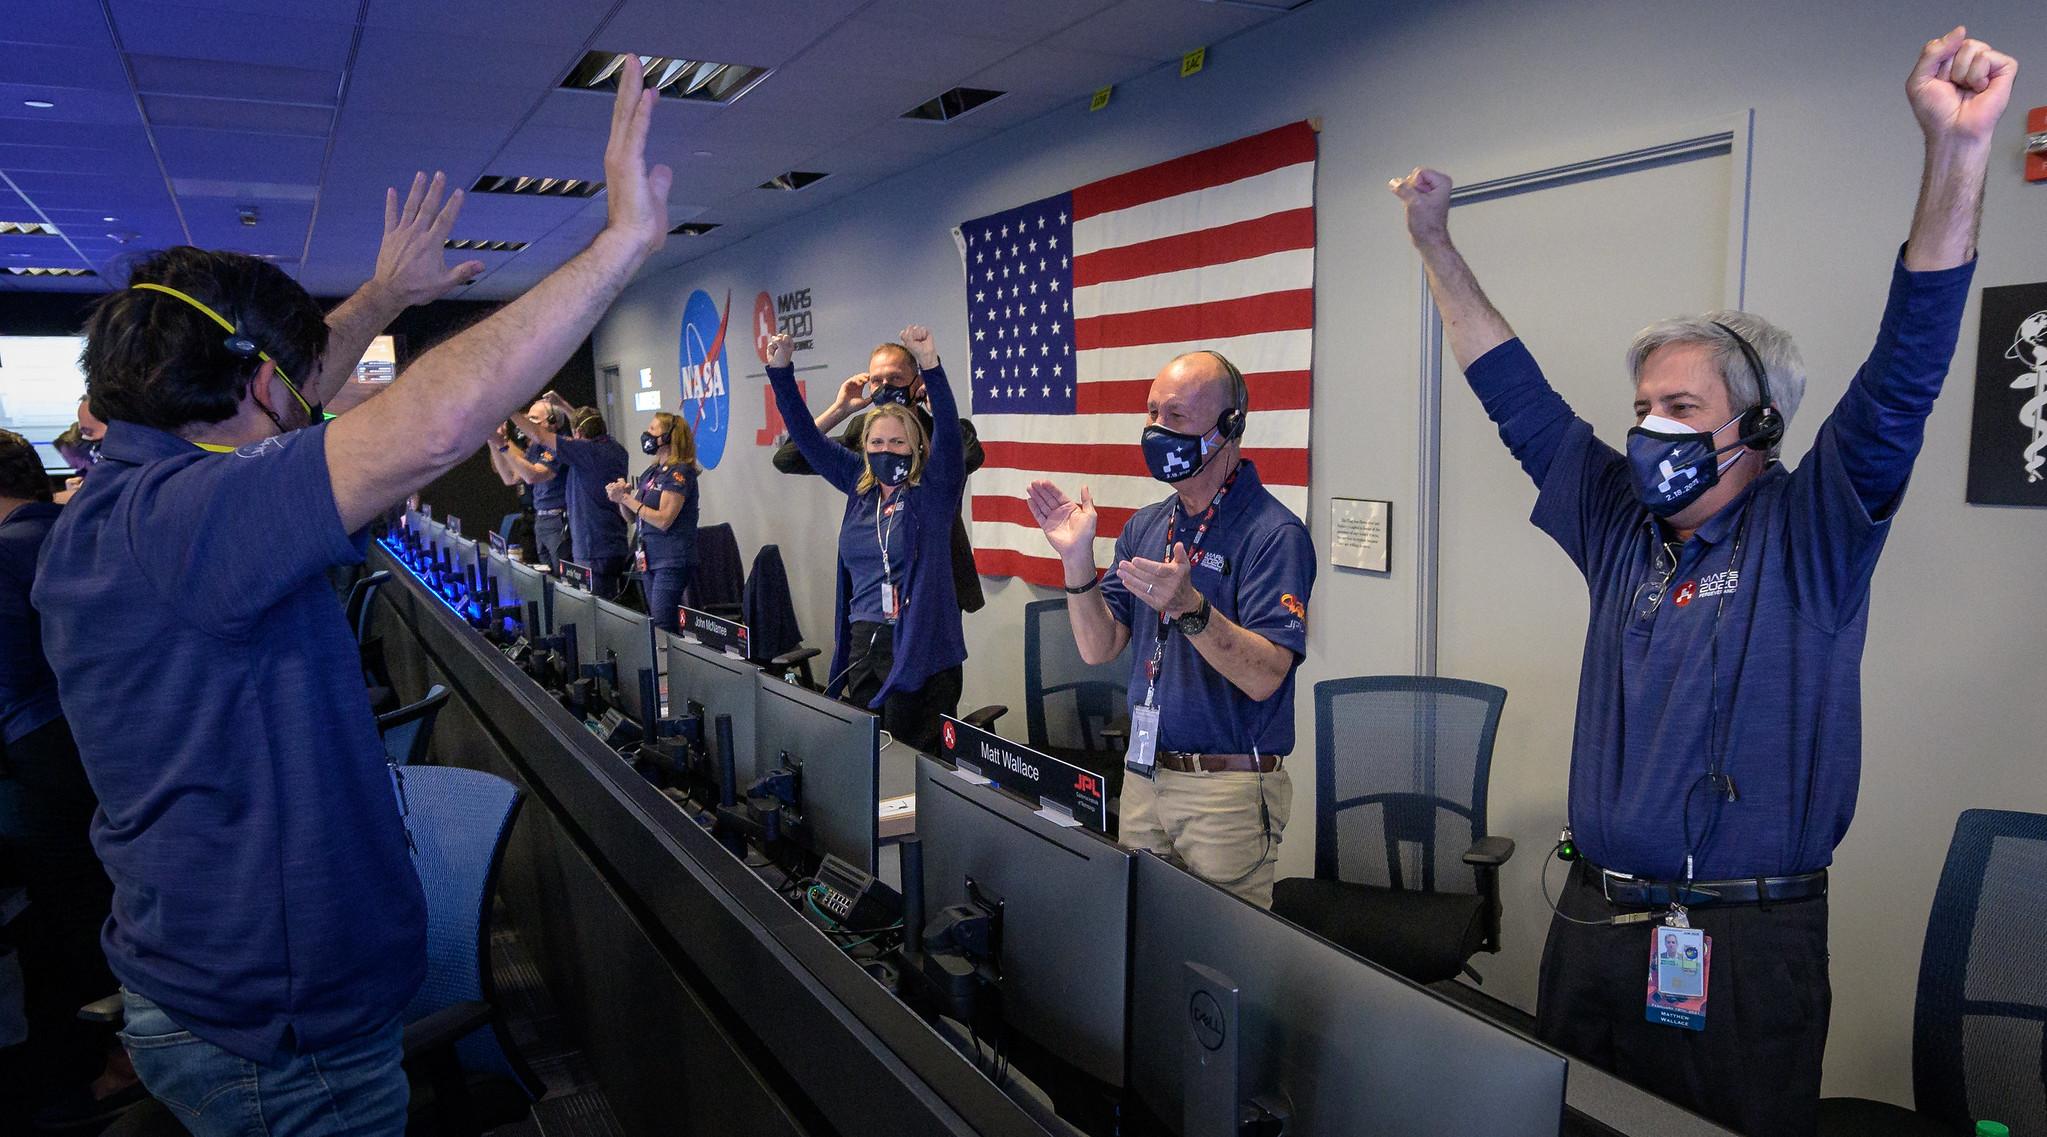 Les membres de l'équipe de rover Perseverance de la NASA réagissent au contrôle de mission après avoir reçu la confirmation que le vaisseau spatial a atterri avec succès sur Mars, le jeudi 18 février 2021, au Jet Propulsion Laboratory de la NASA à Pasadena, en Californie.  L'équipe est masquée et éloignée conformément aux précautions de sécurité COVID-19.